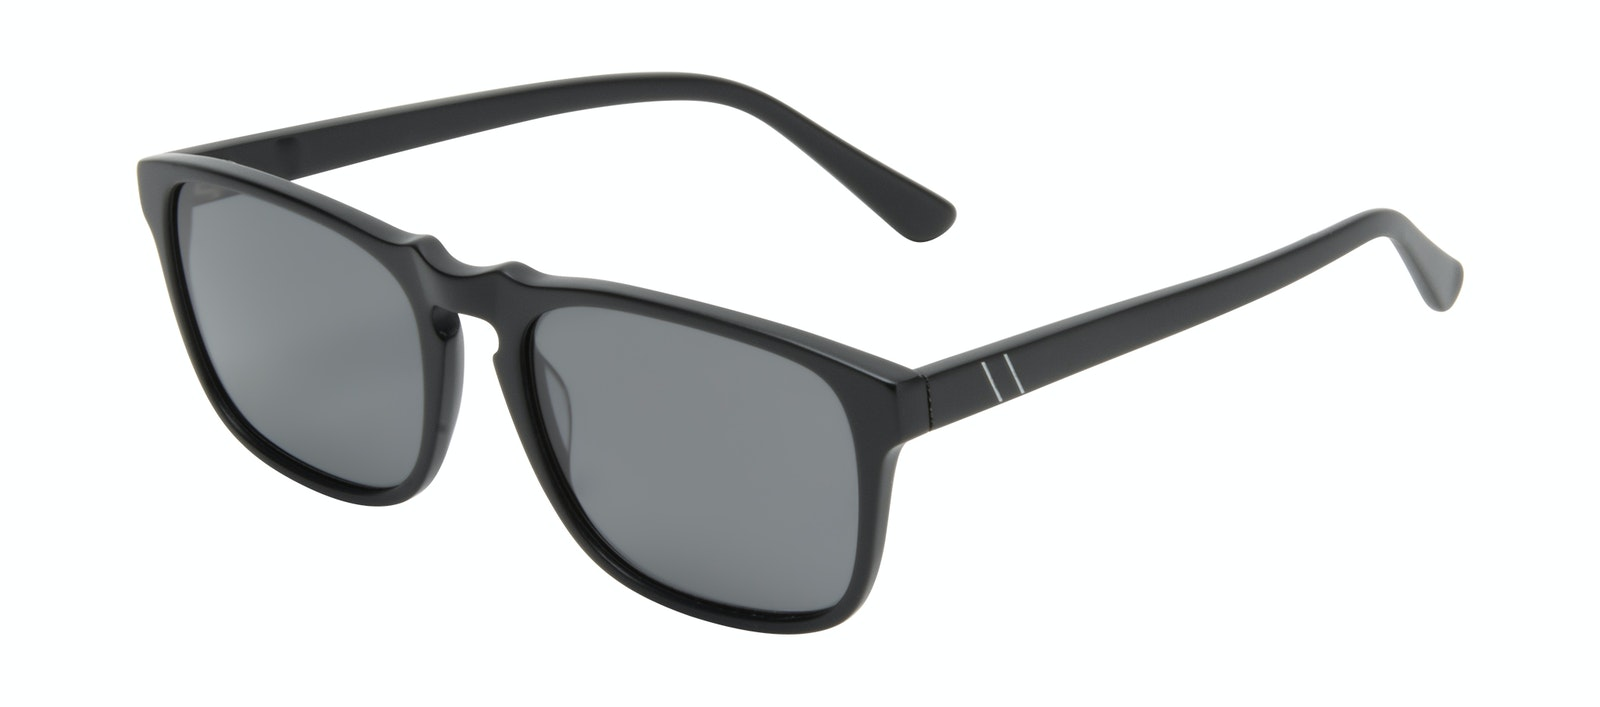 Affordable Fashion Glasses Square Sunglasses Men Raceway Onyx Matte Tilt